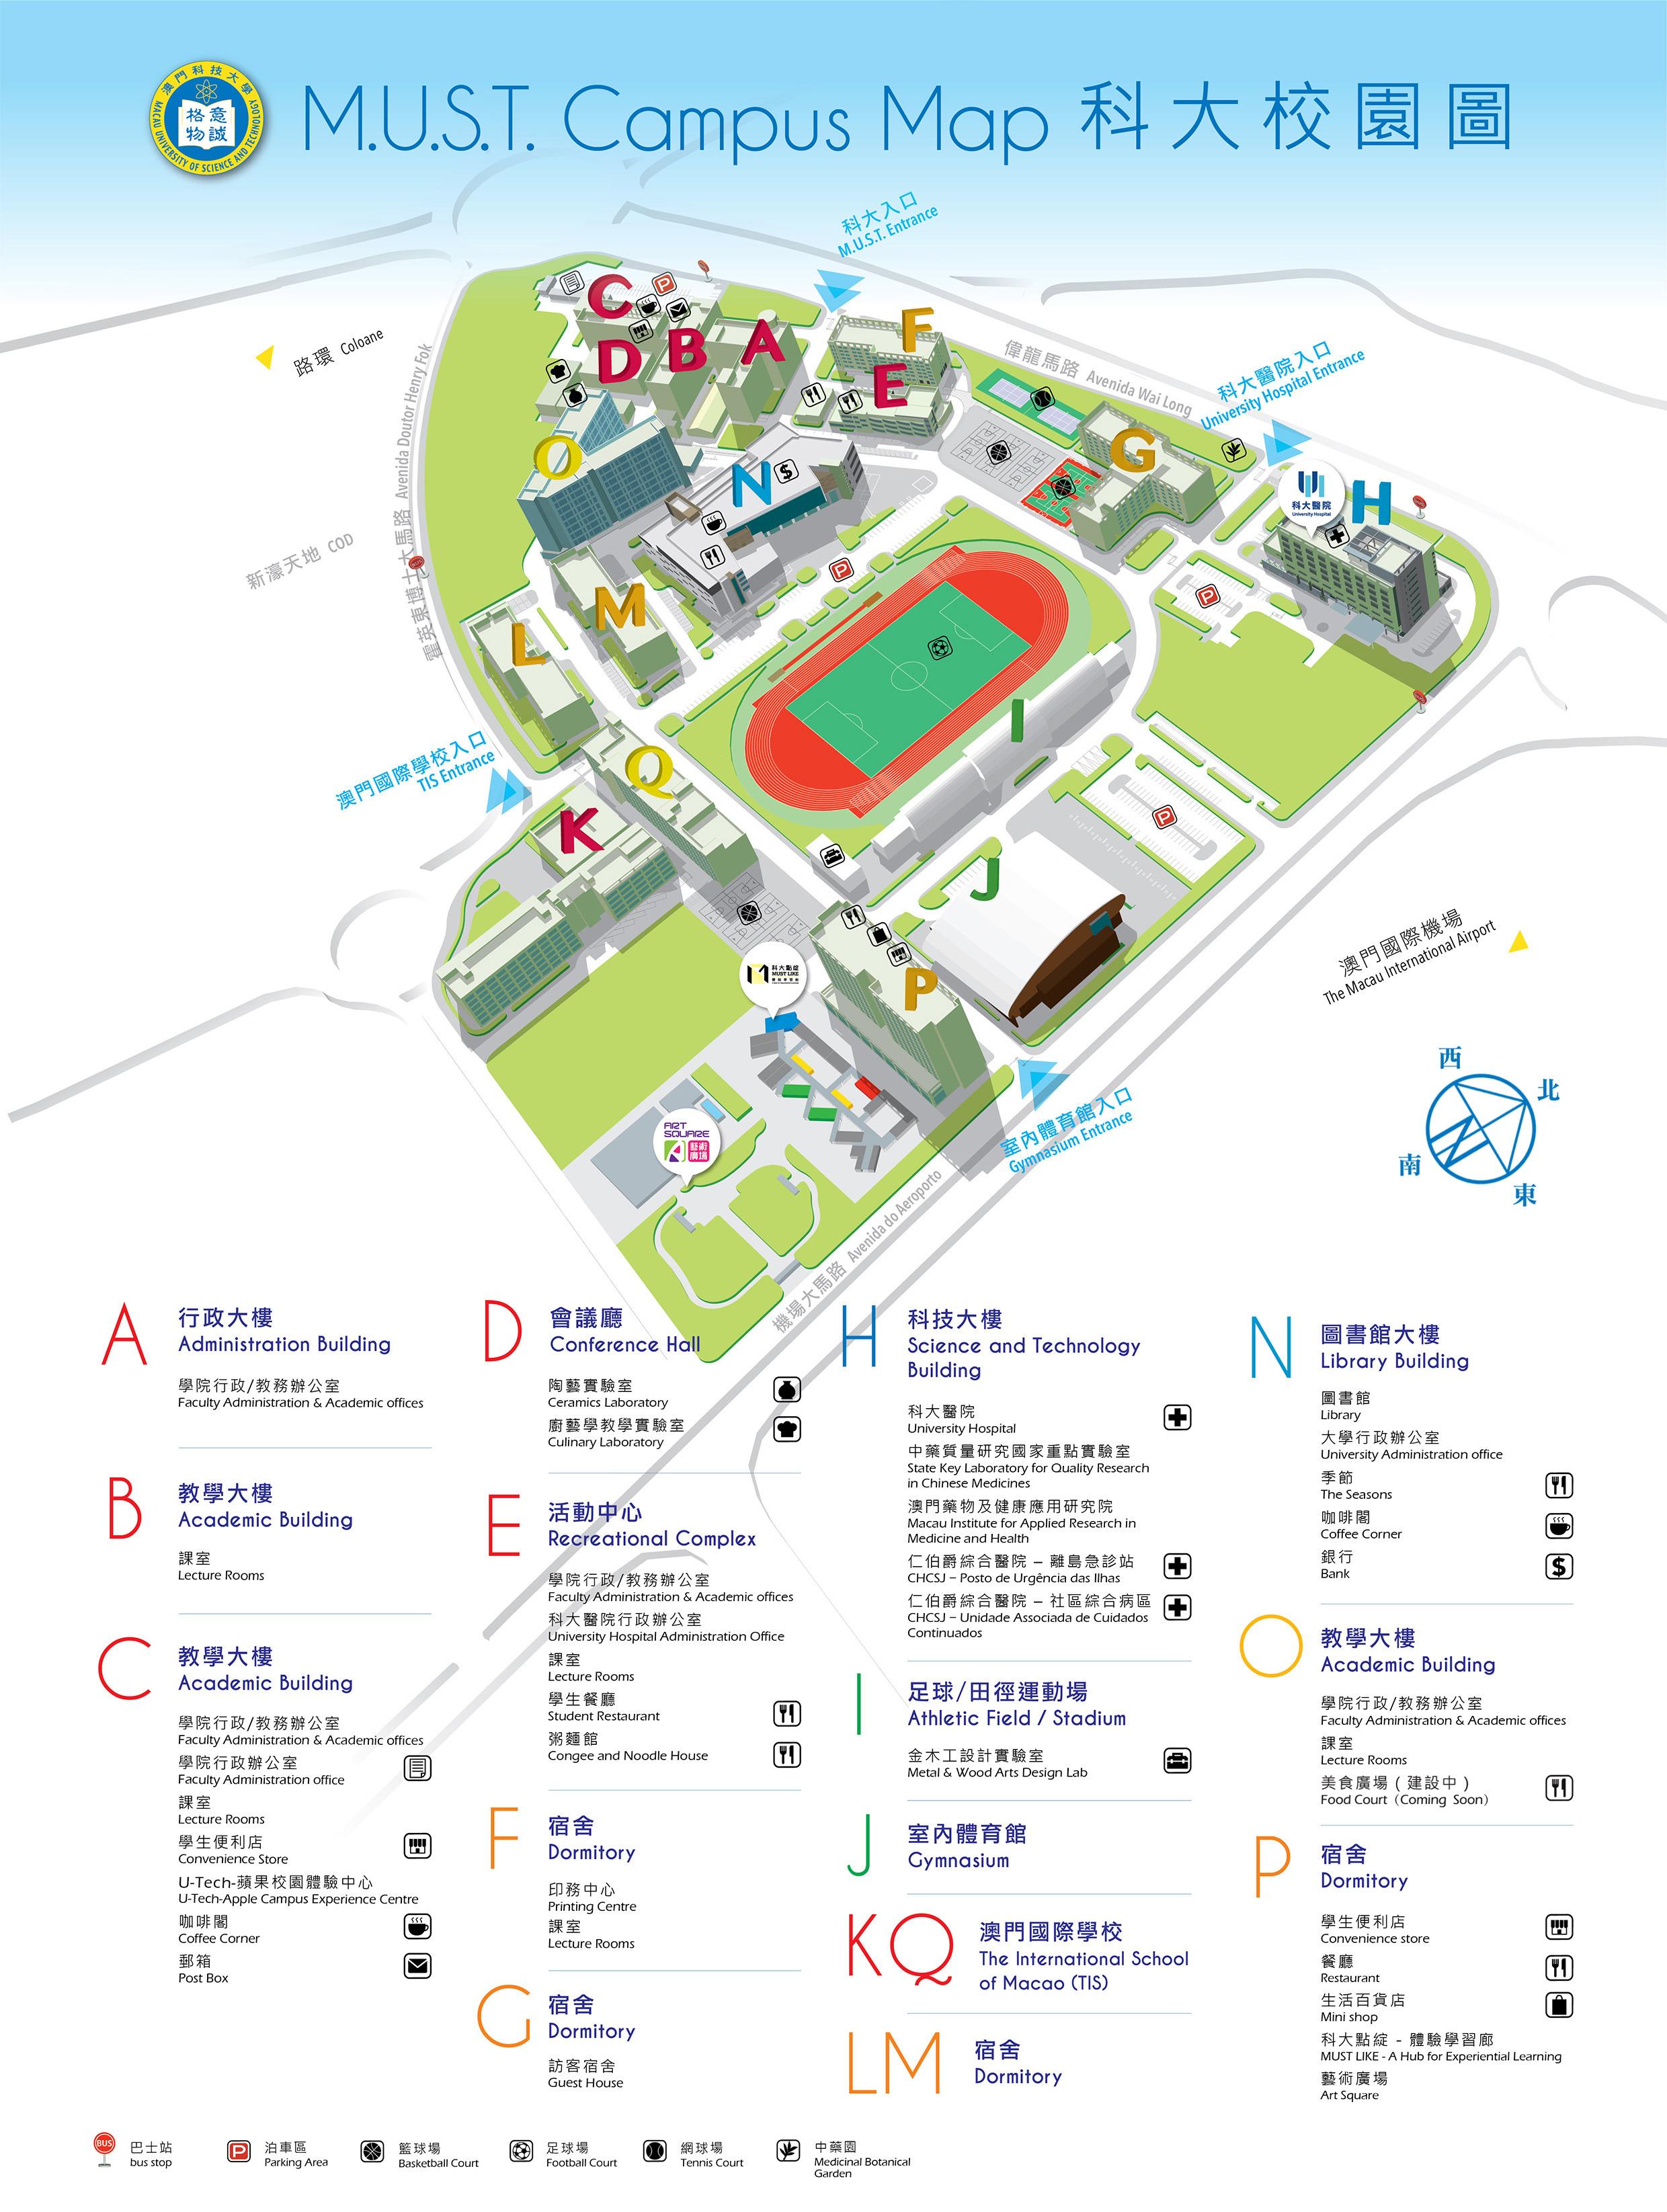 澳门科技大学大学地图